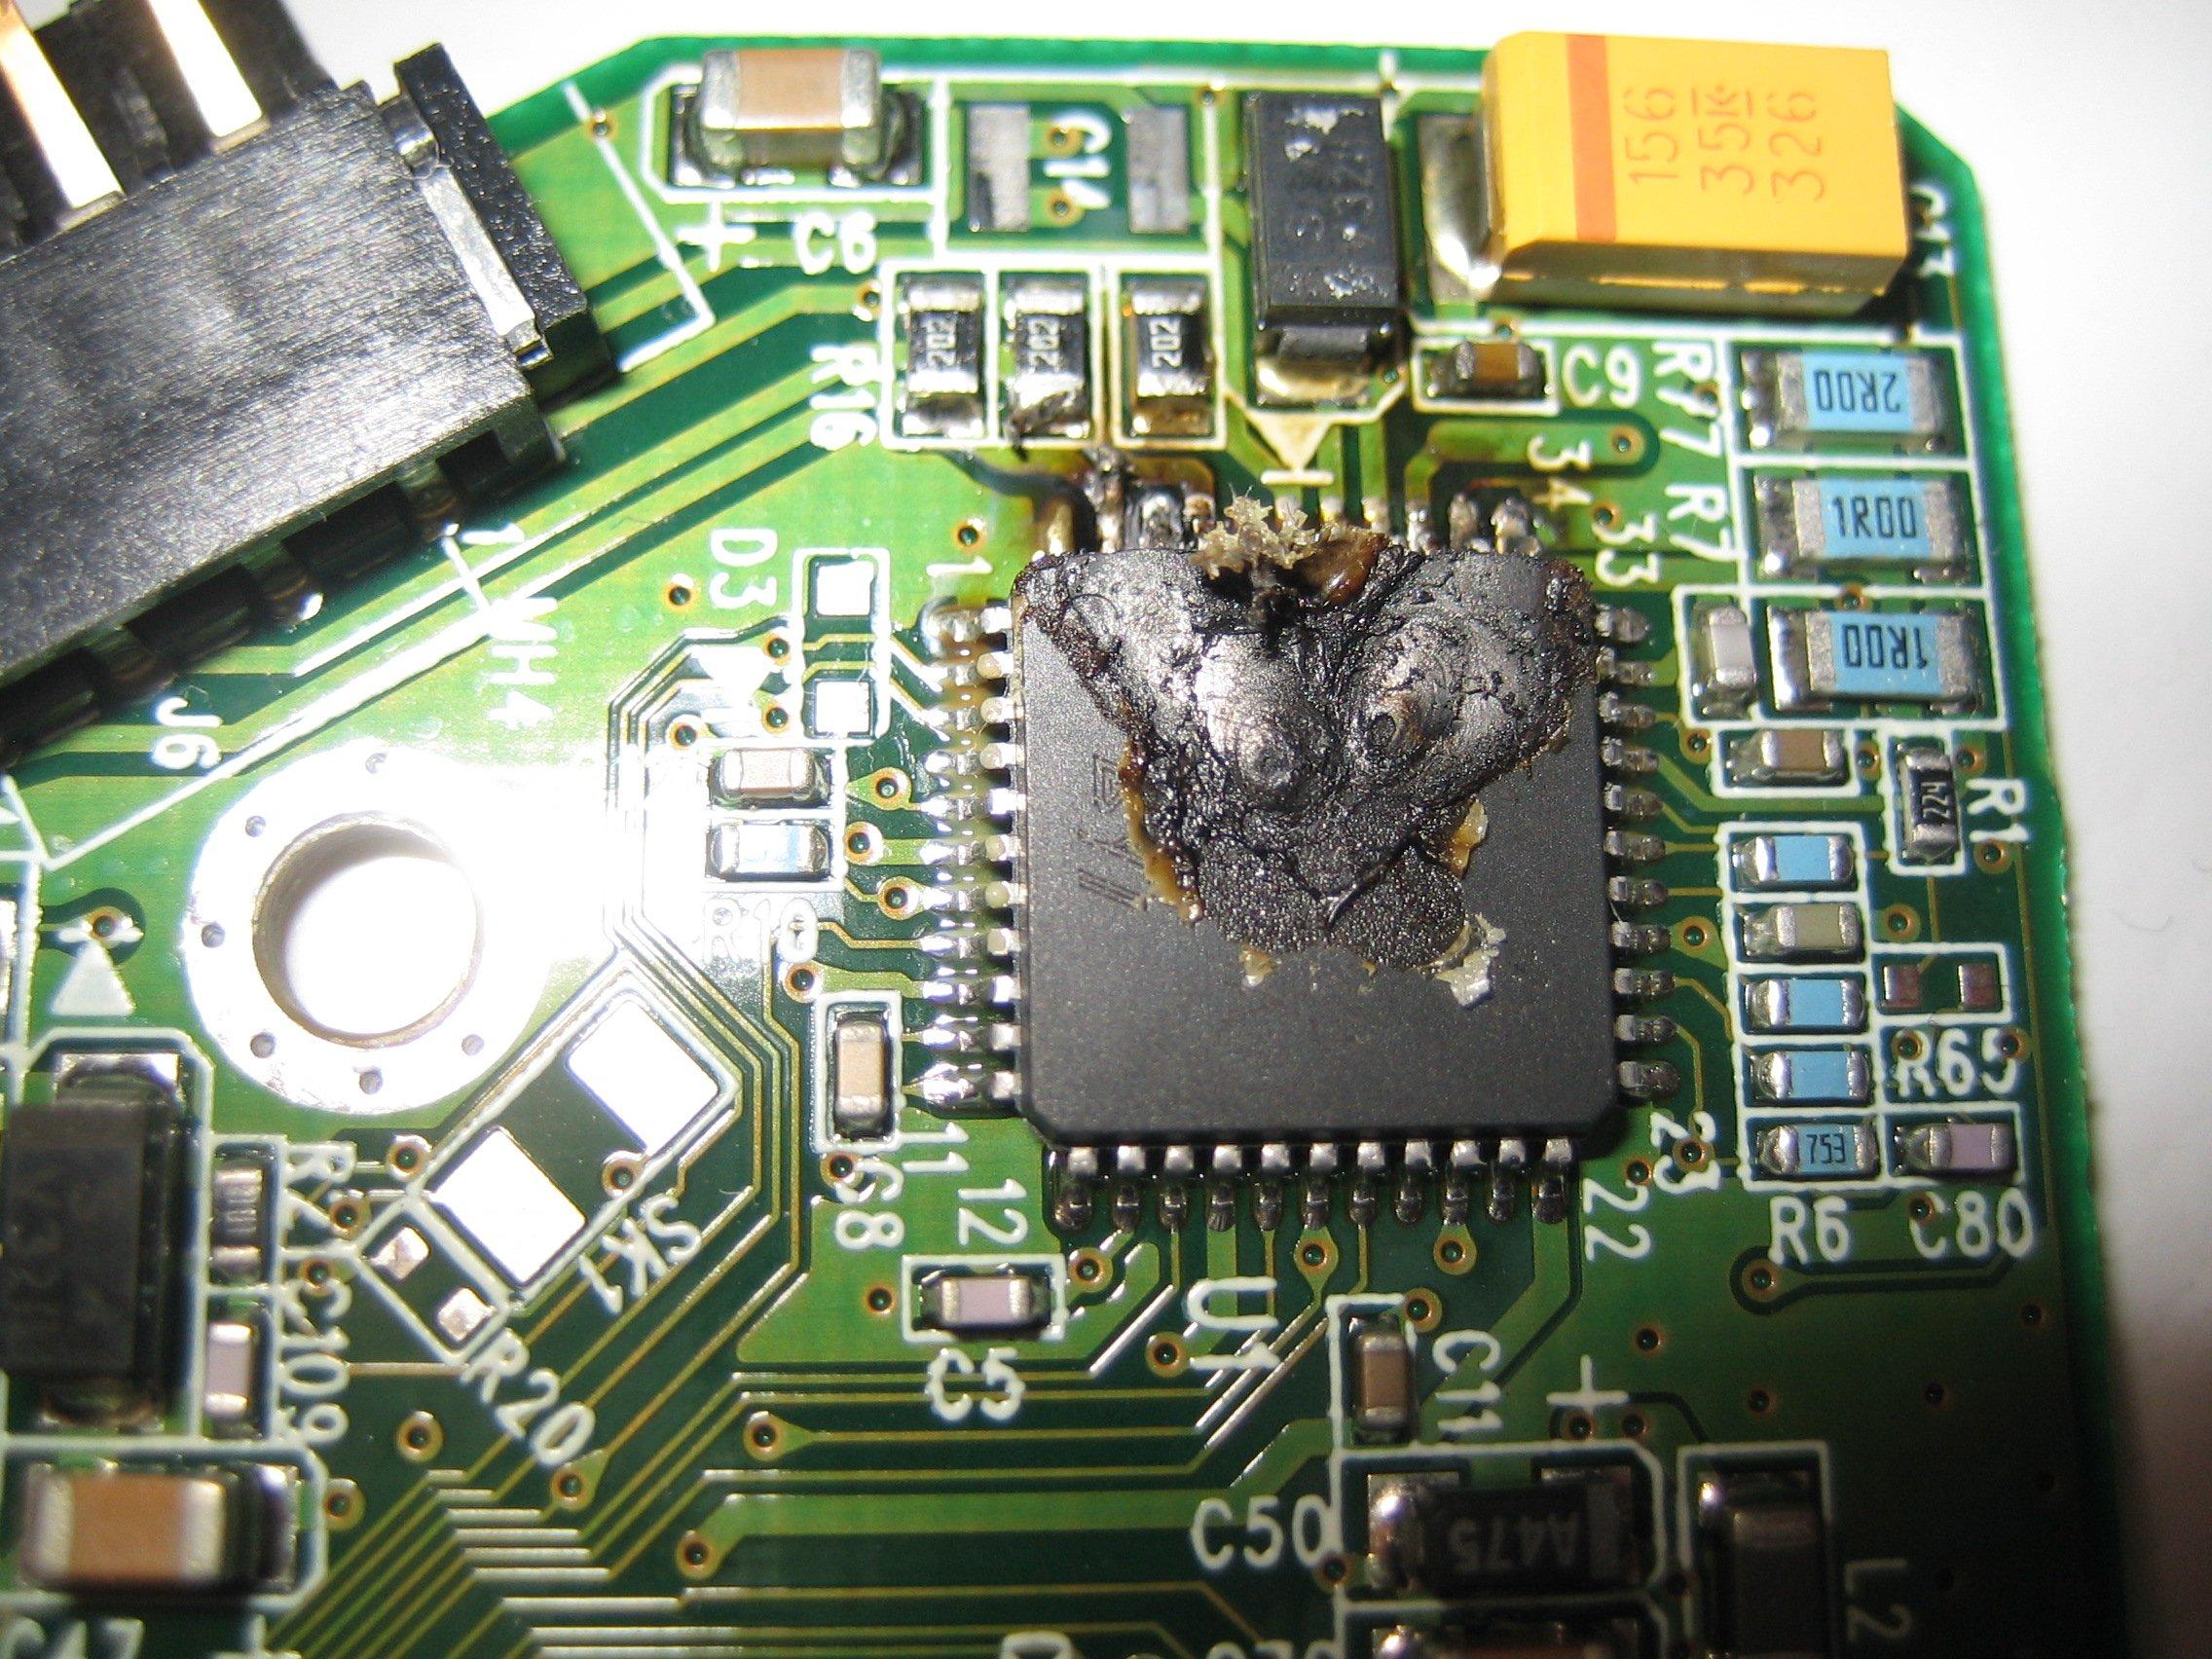 Por que no funciona el cambio de placa en los discos duros actuales?